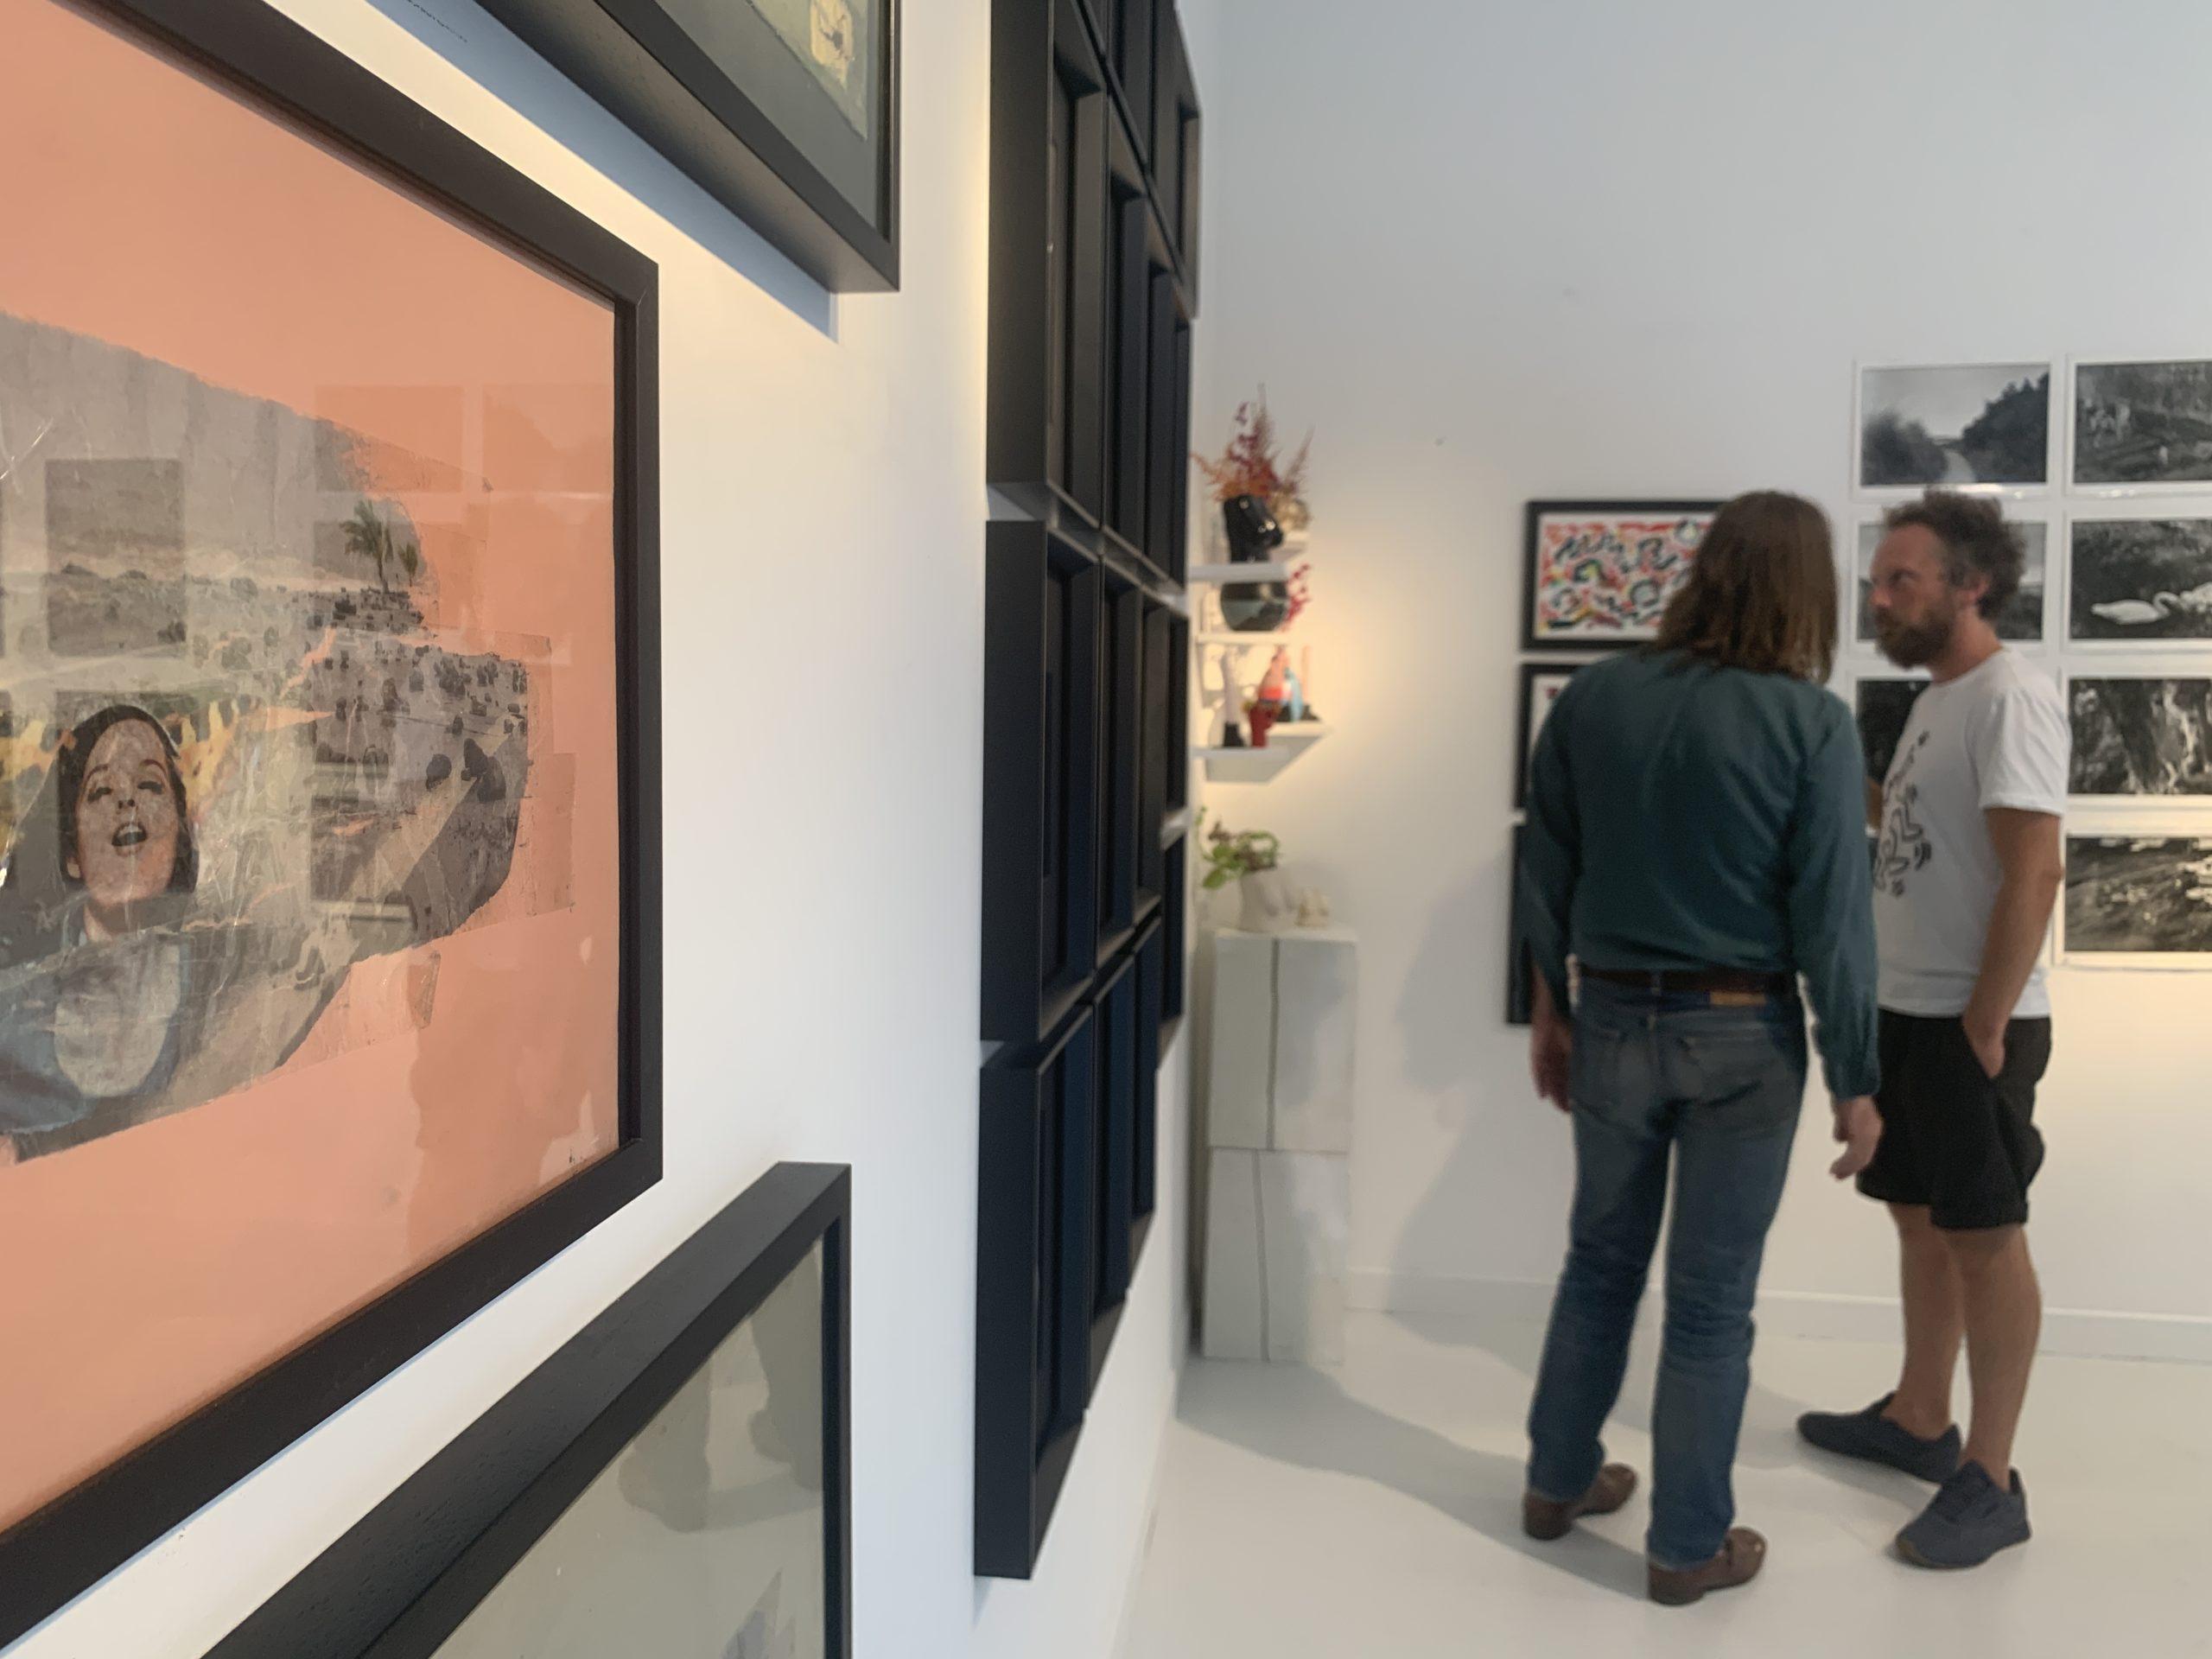 «Mauvaises graines», Vue de l'exposition, Paris, 22, rue Visconti. Du 18 au 22 septembre 2020. Courtesy artvisions.